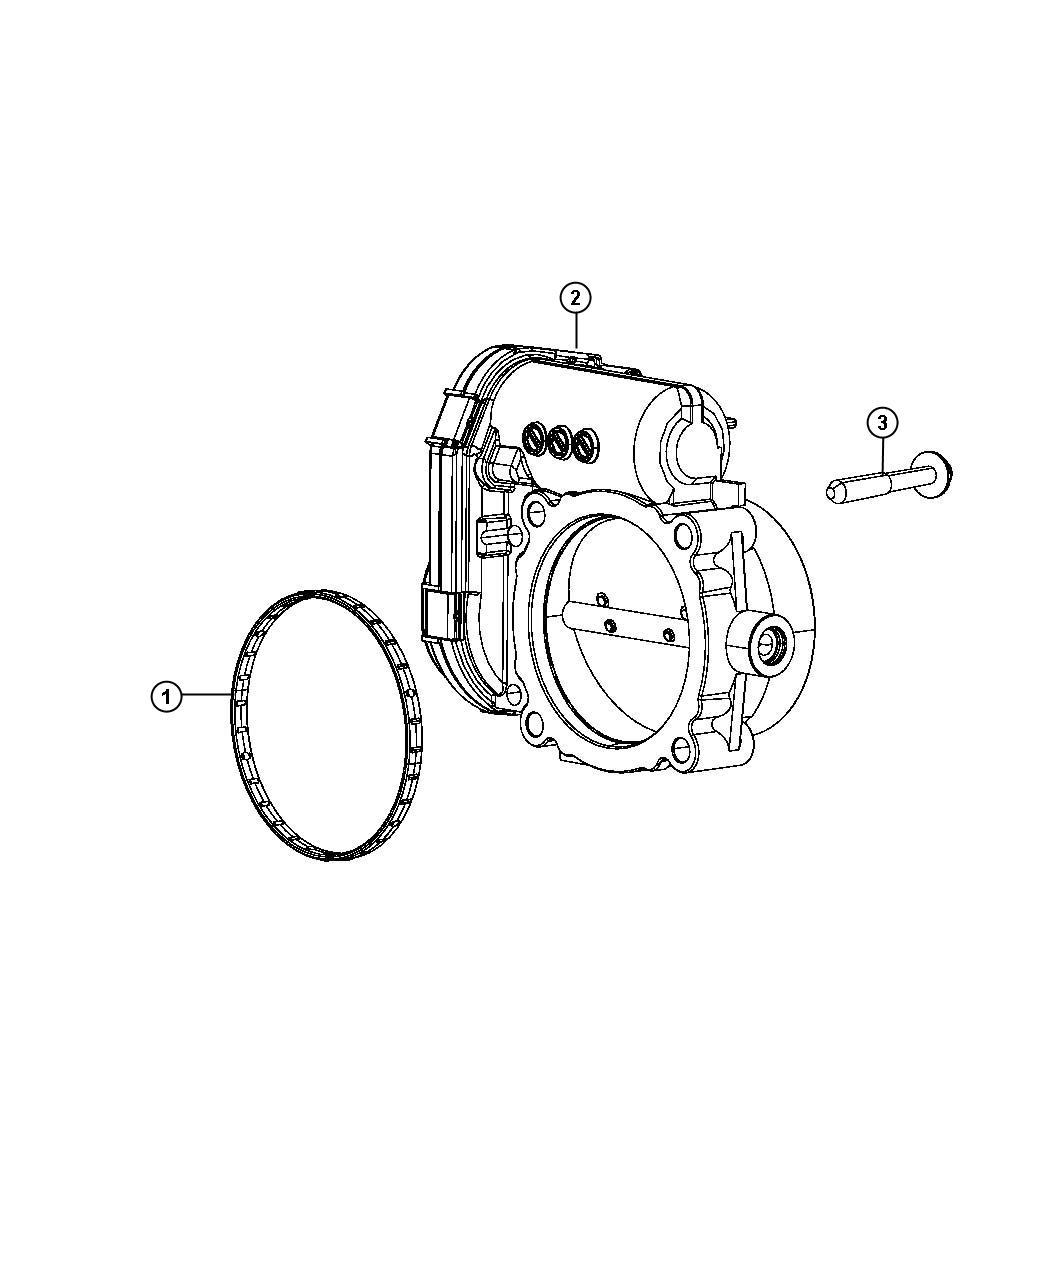 Dodge Avenger Gasket, seal. Throttle body, throttle body